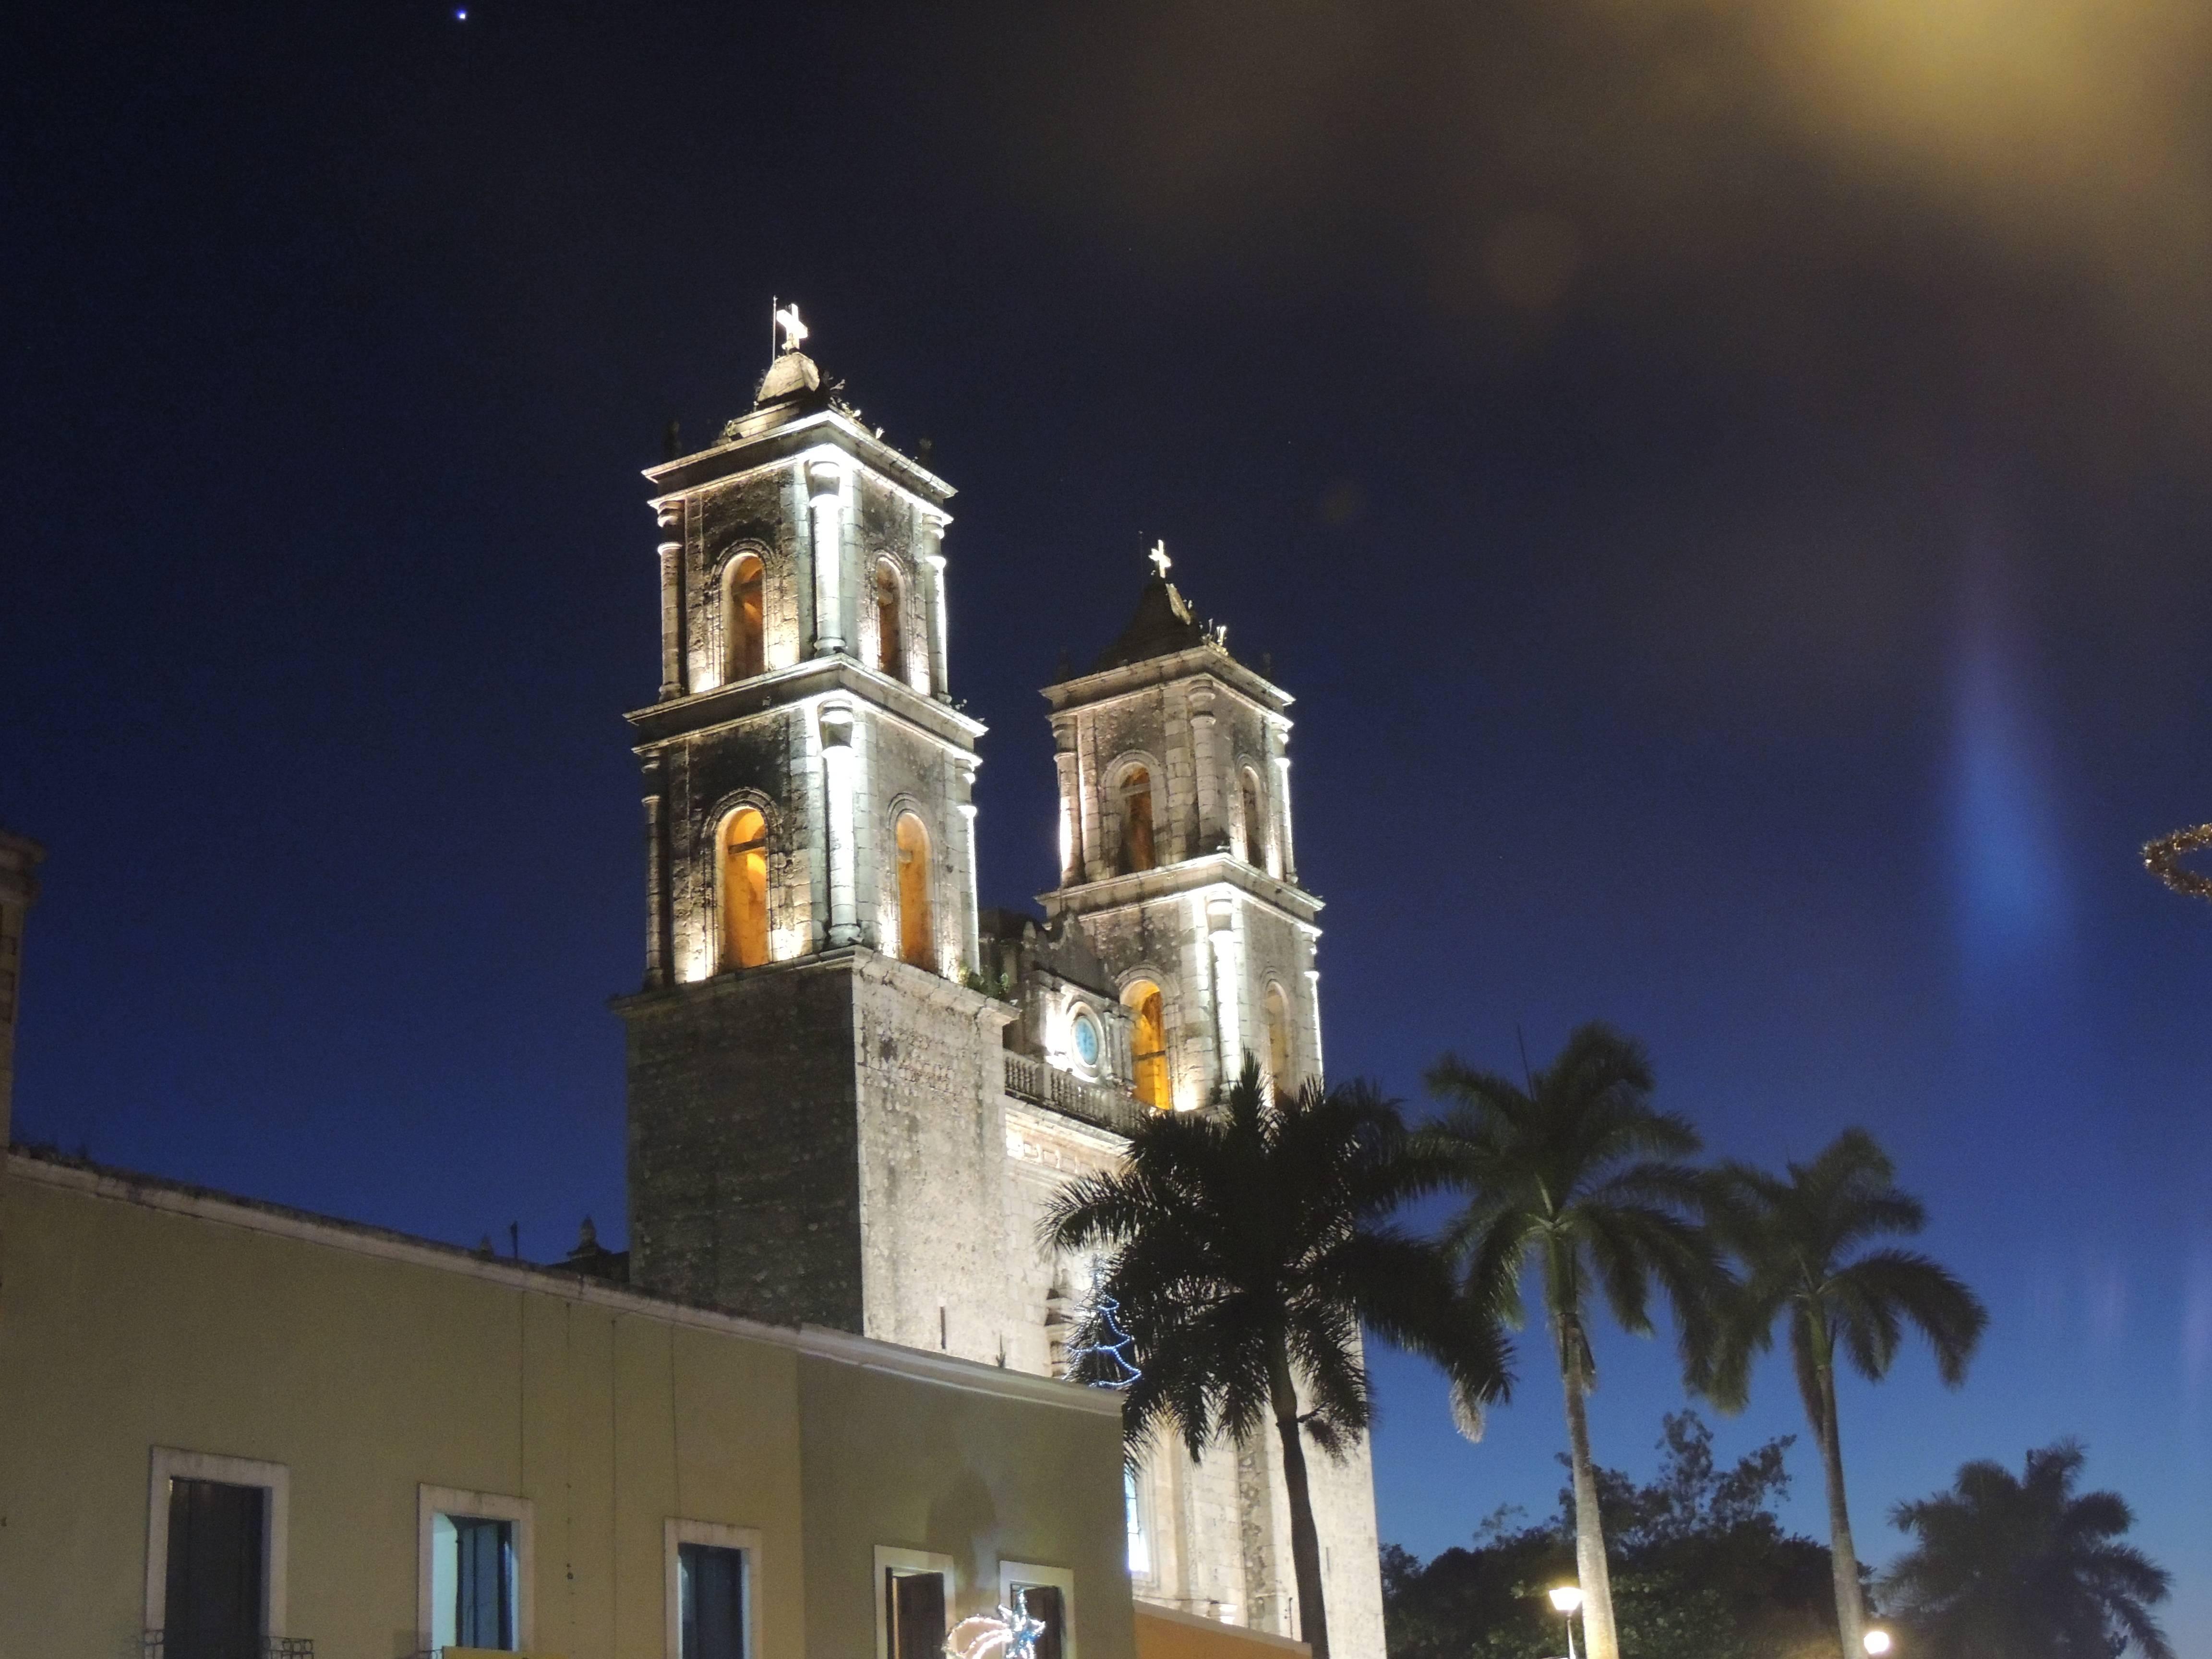 Photo 1: Hôtel casa marlène : une adresse charmante et un petit déjeuner yucatan inclus à tomber par terre